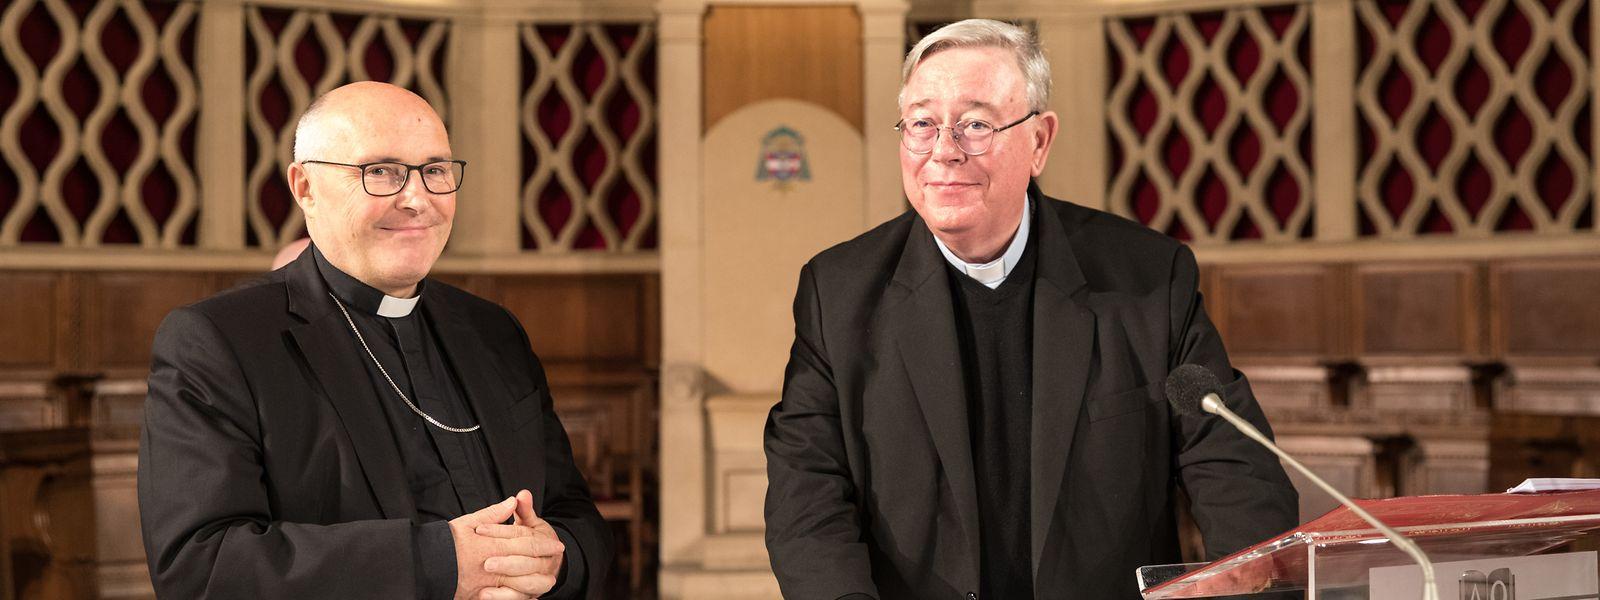 Der angehende Weihbischof Leo Wagener und Erzbischof Jean-Claude Hollerich. Foto: Gerry Huberty/Luxemburger Wort.